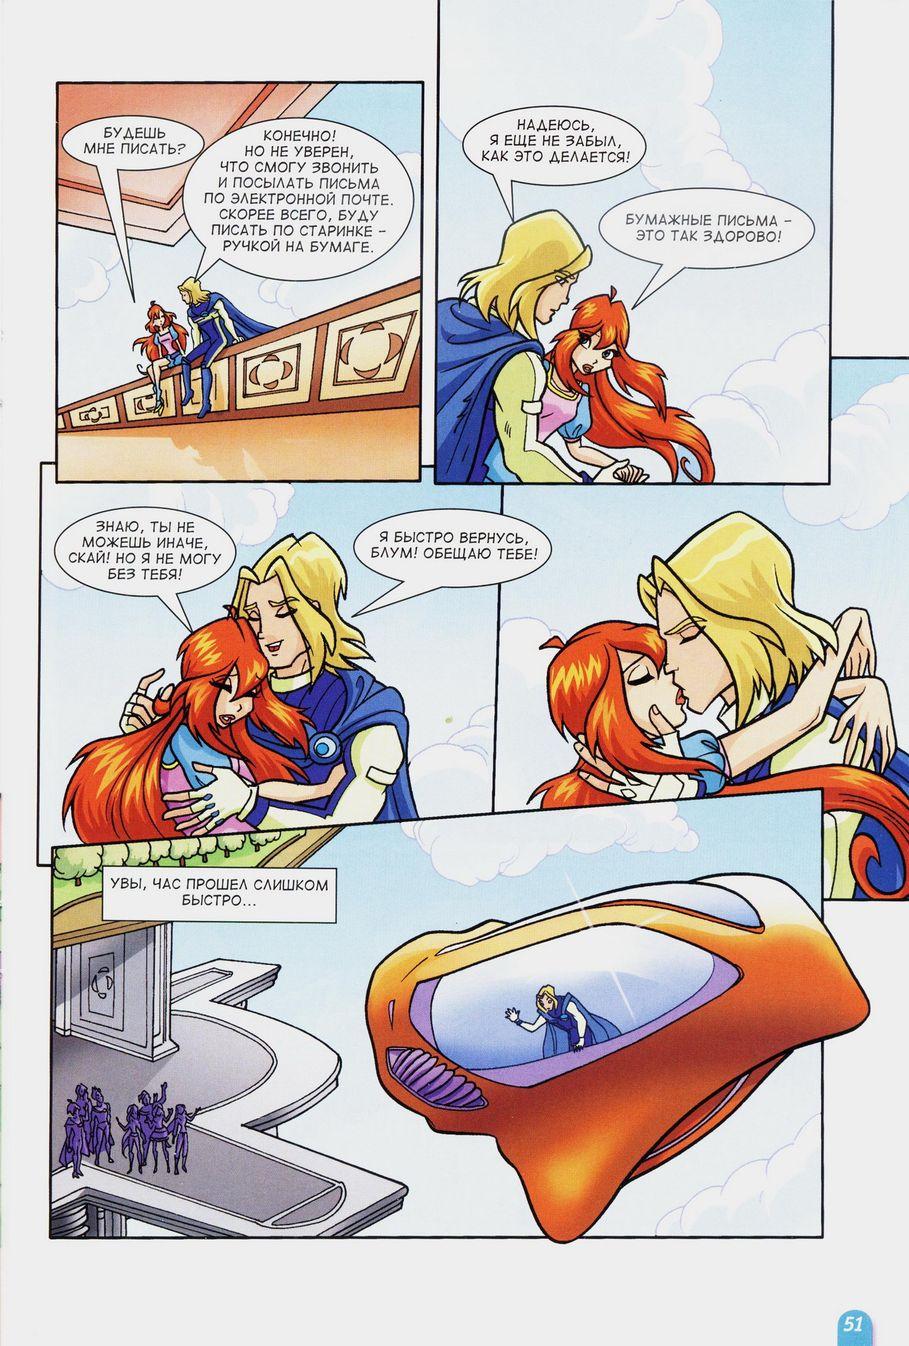 Комикс Винкс Winx - Любовь и долг (Журнал Винкс №2 2011) - стр. 51